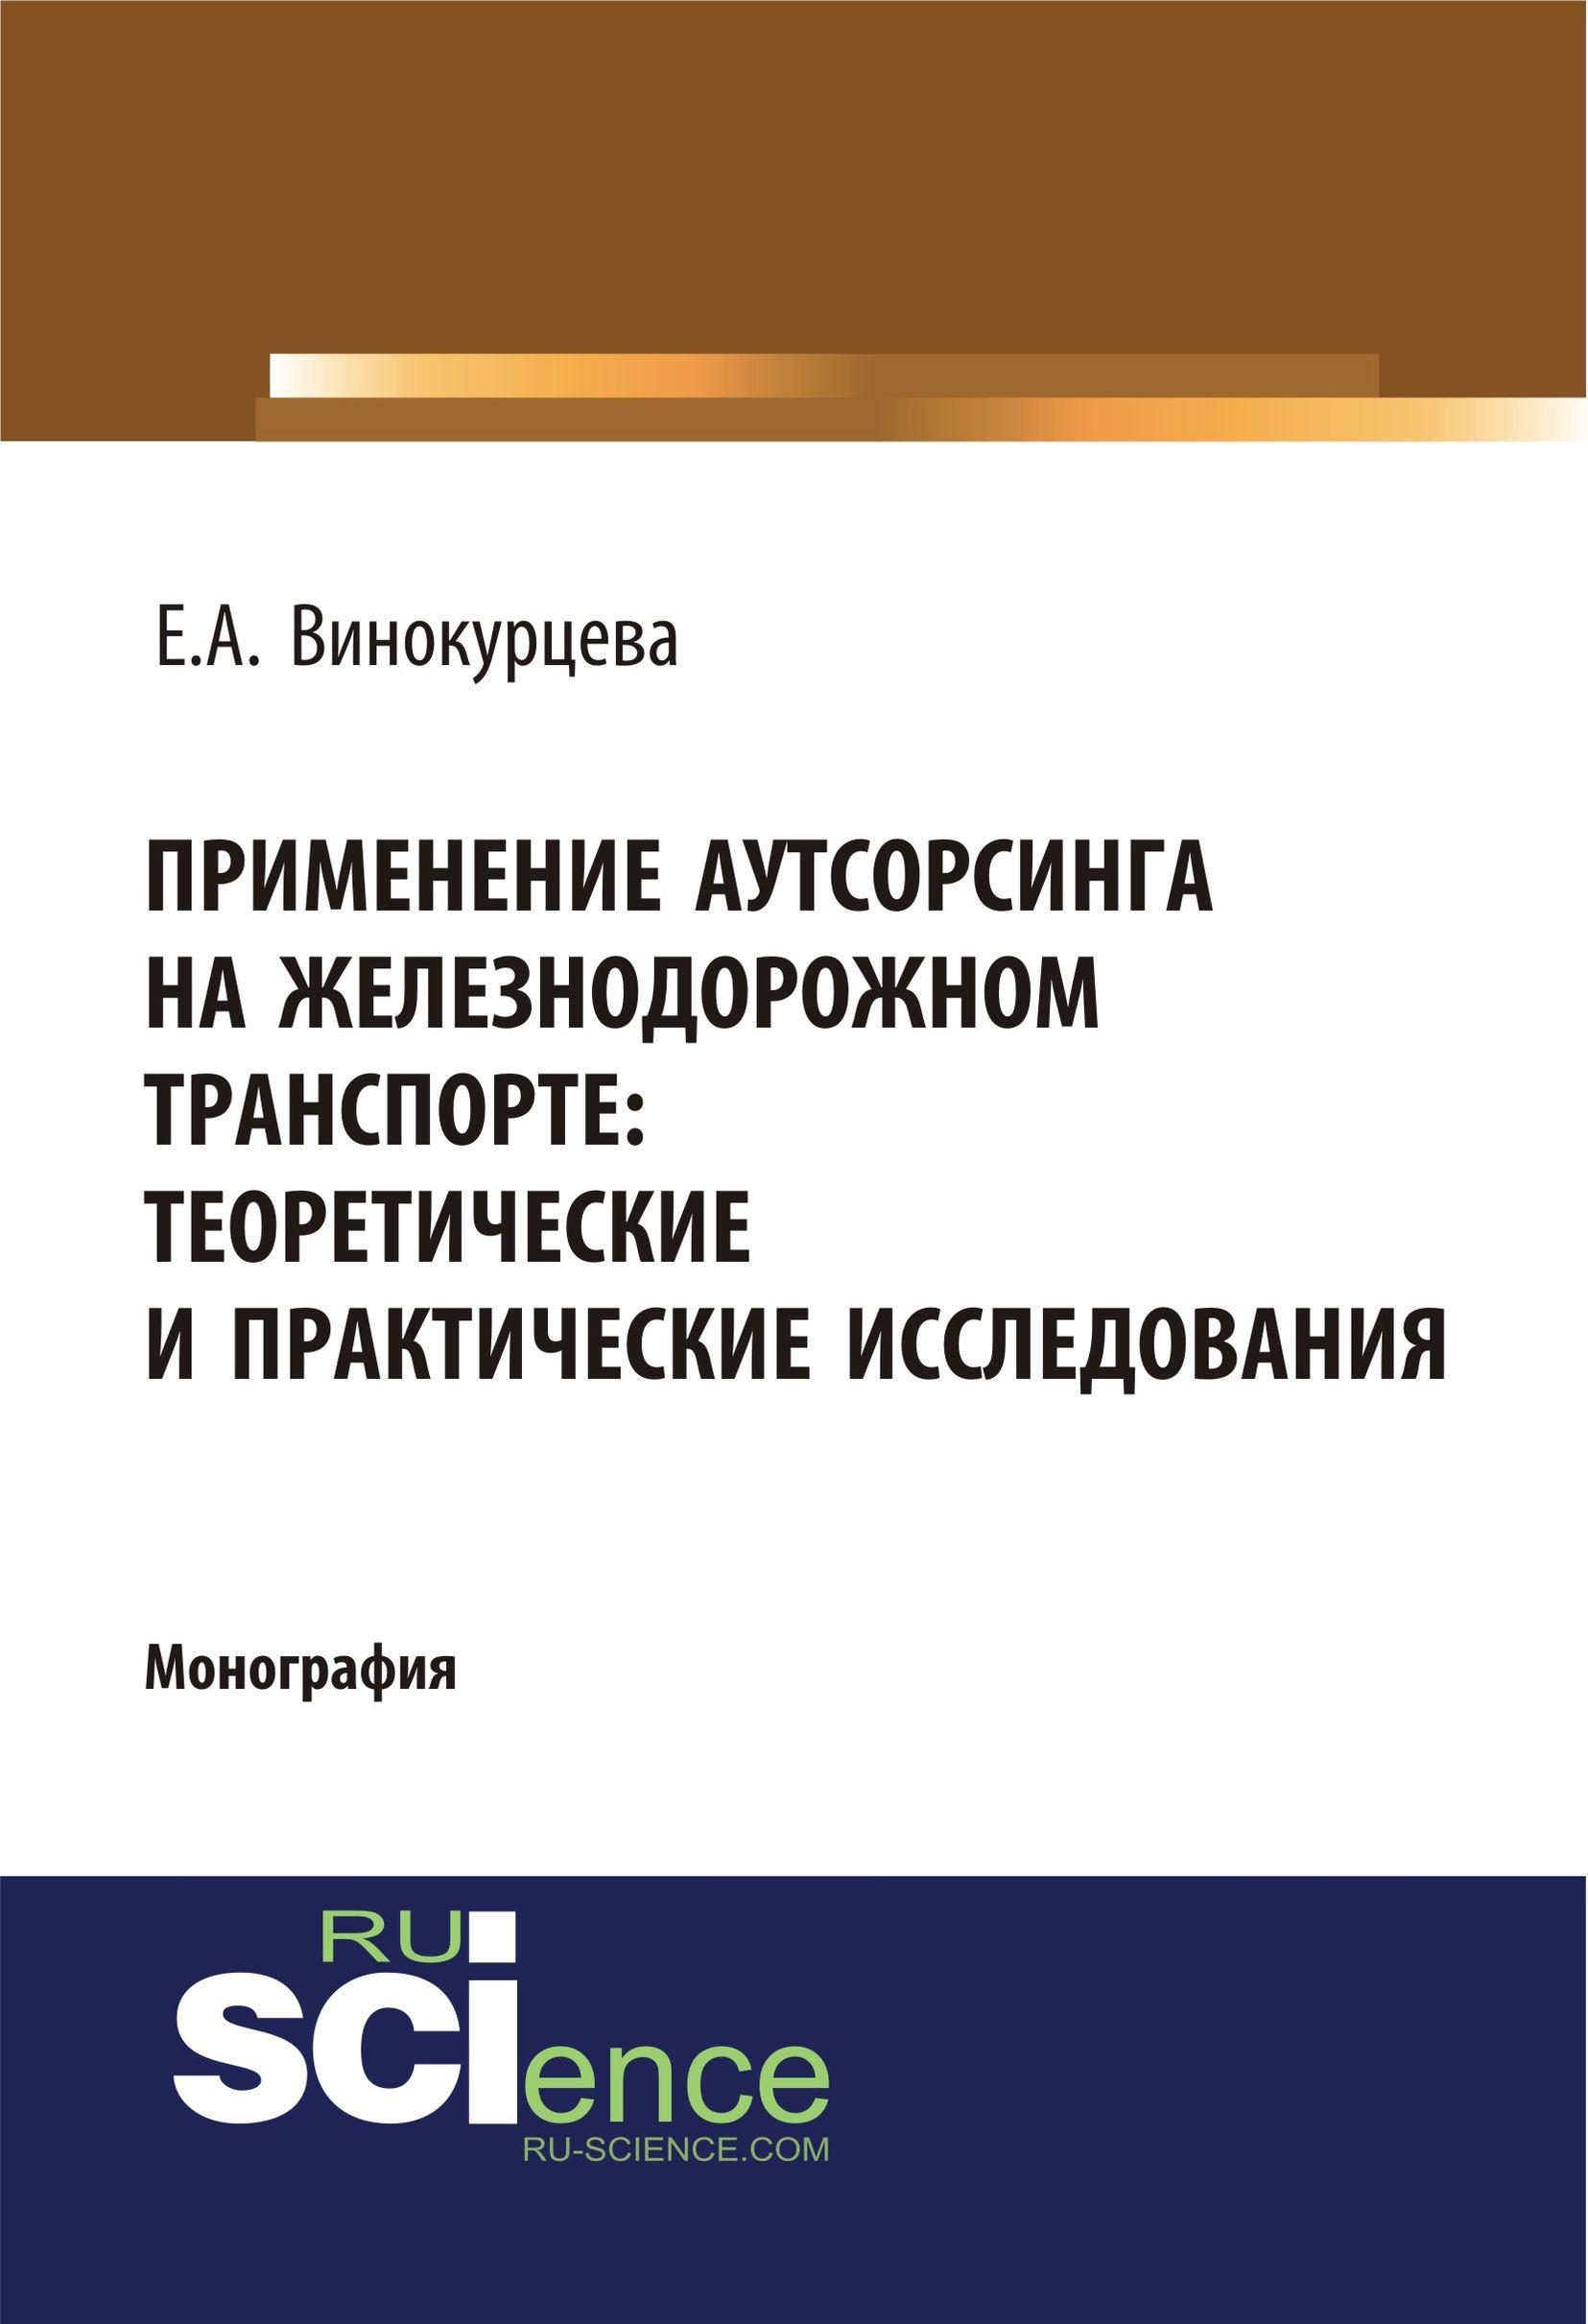 Е. А. Винокурцева Применение аутсорсинга на железнодорожном транспорте: теоретические и практические исследования квазиэлектронные атс на железнодорожном транспорте